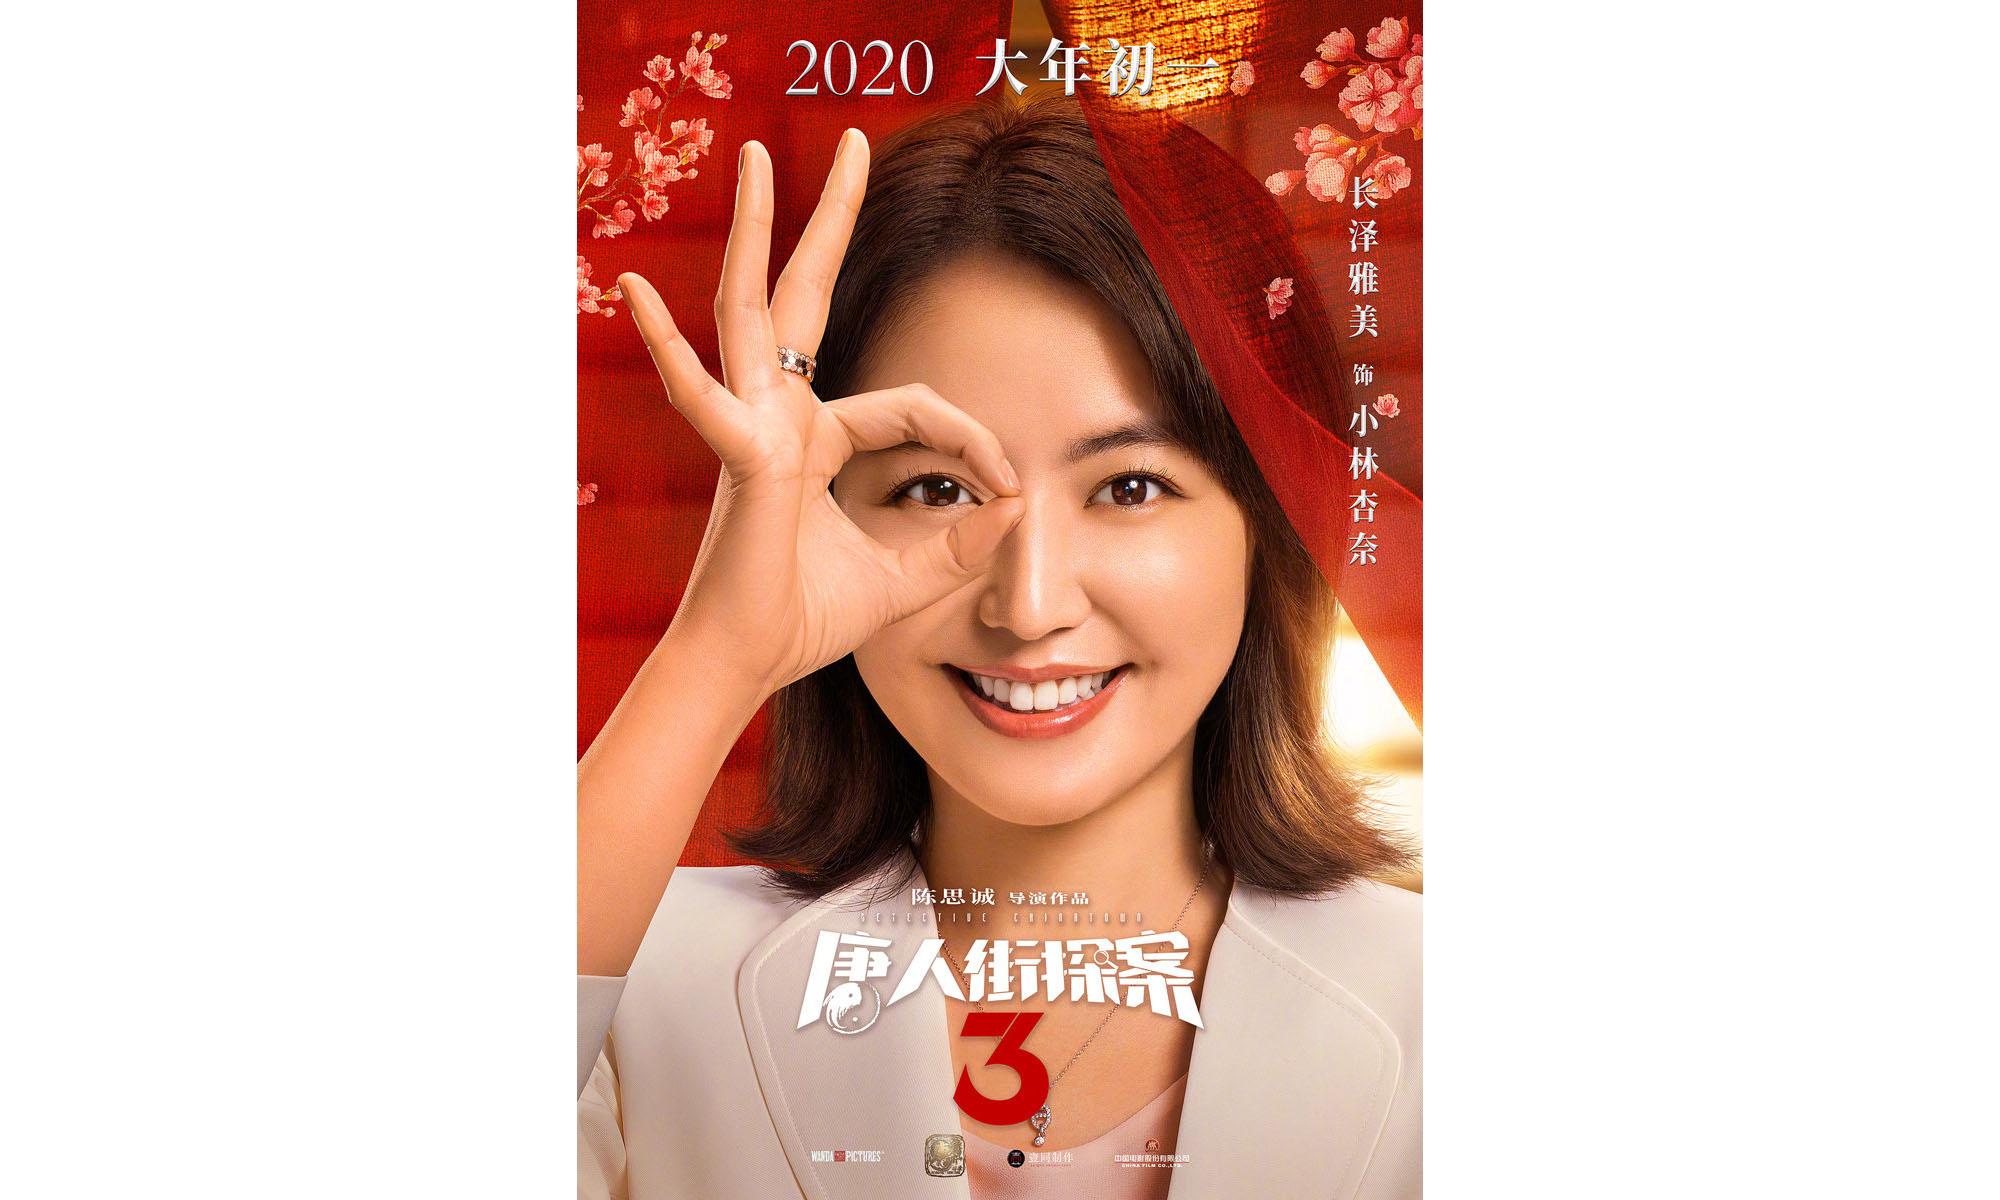 国际豪华卡司,《唐人街探案 3》公布演员阵容